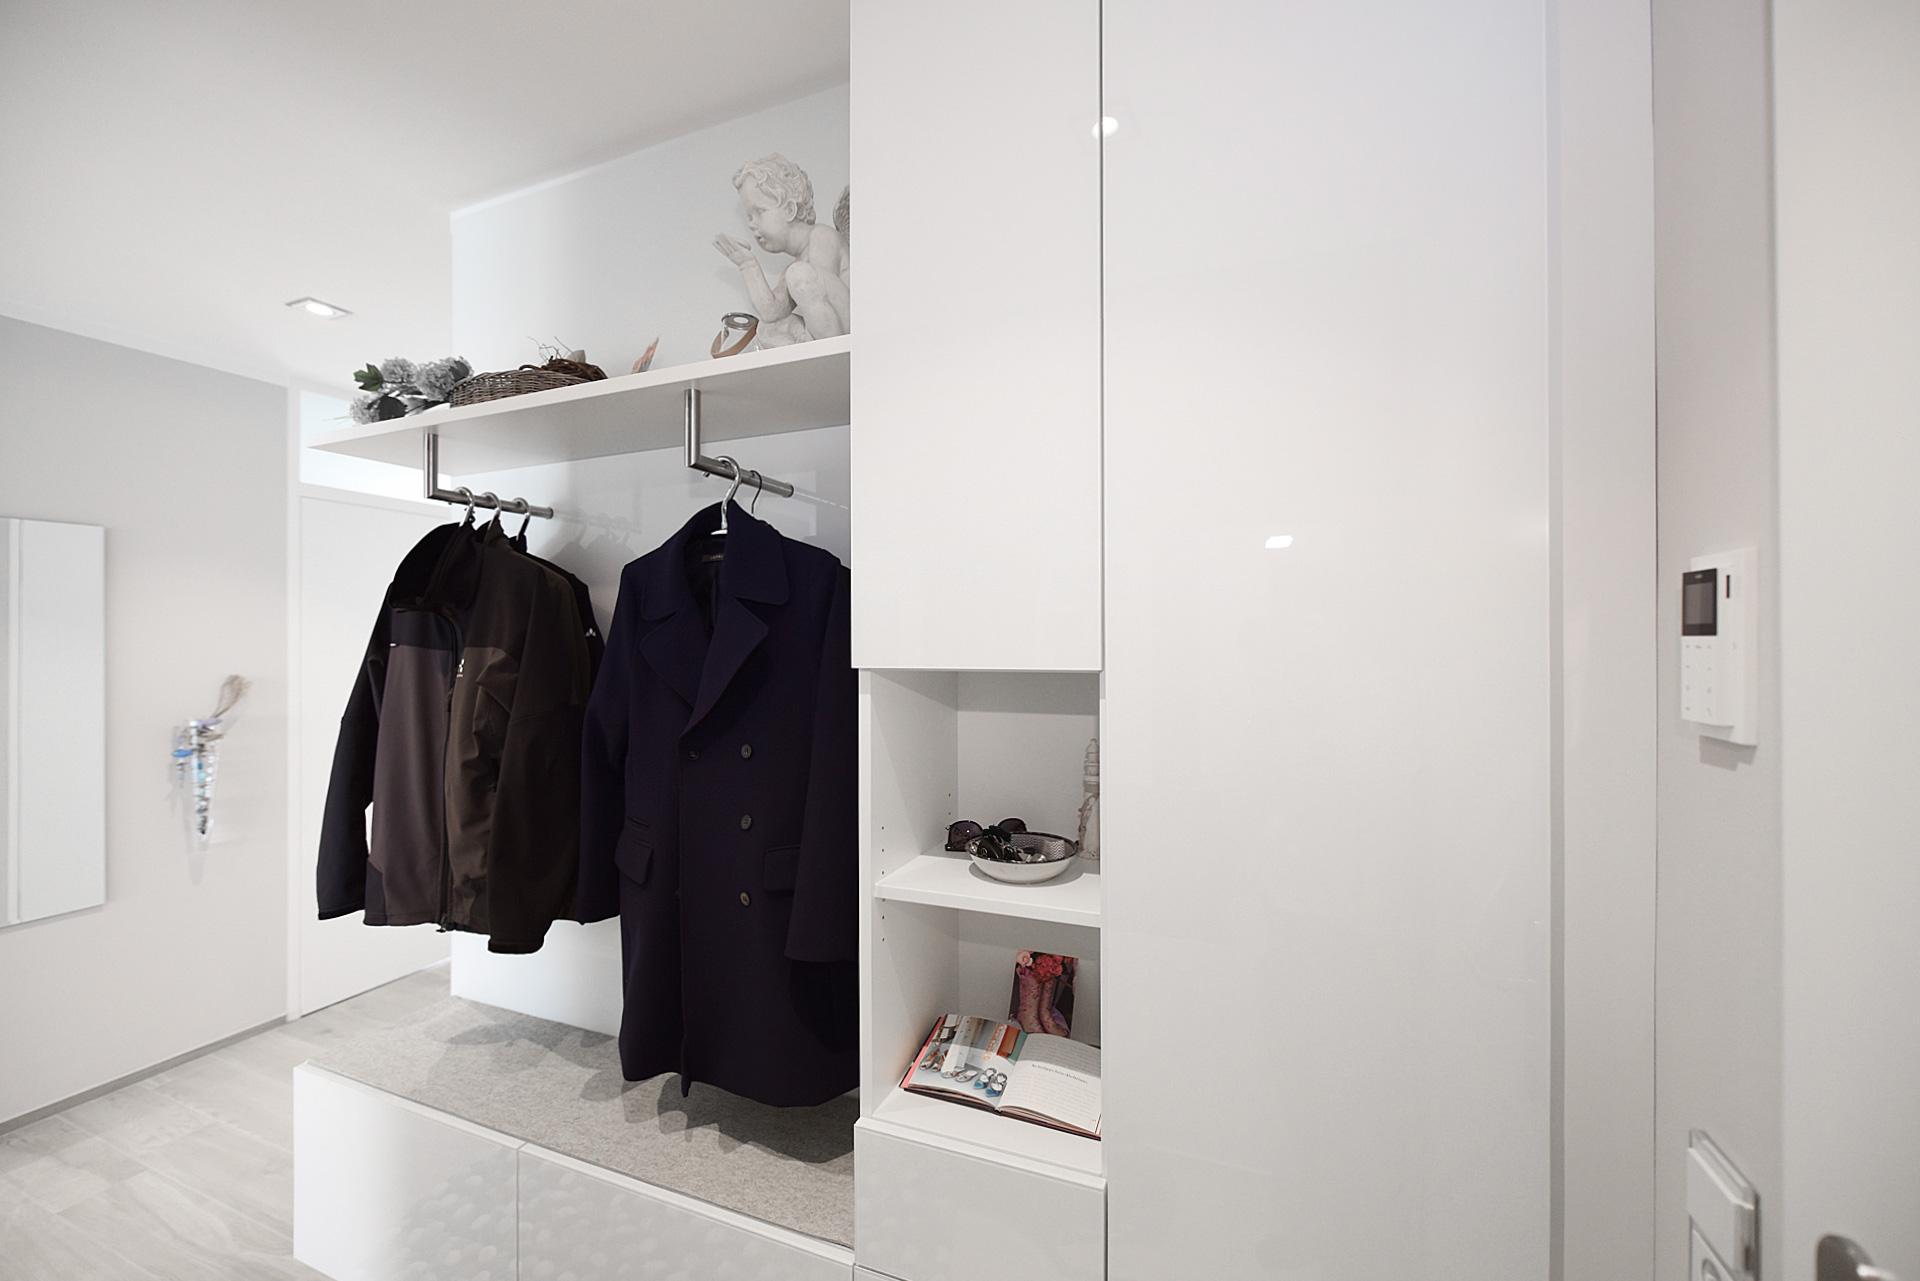 Garderobe als Einbauschrank